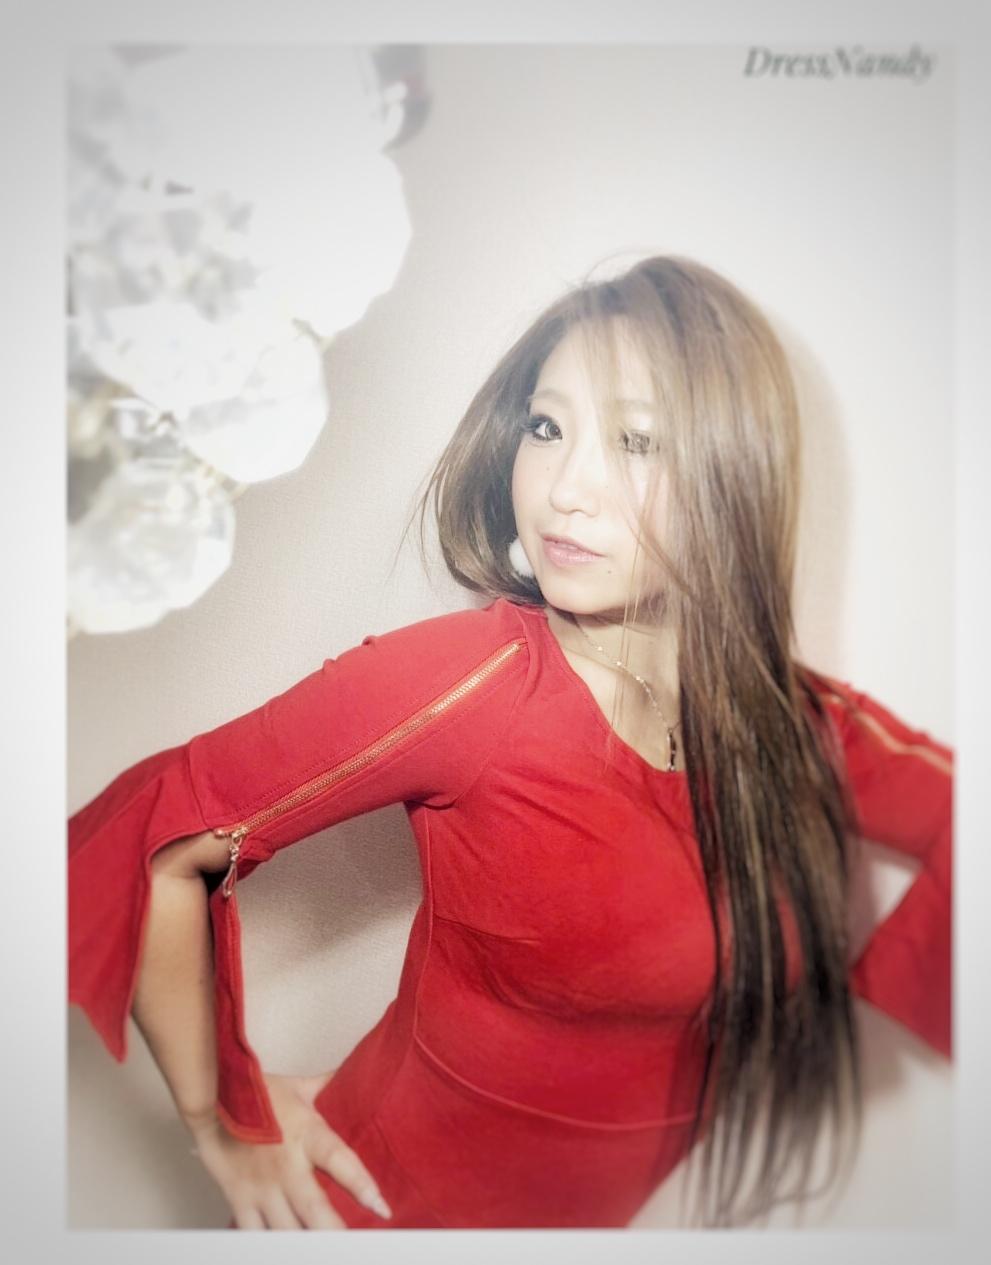 DressNandy 赤ドレス入荷1 あなたはどのあなたを選ぶ?